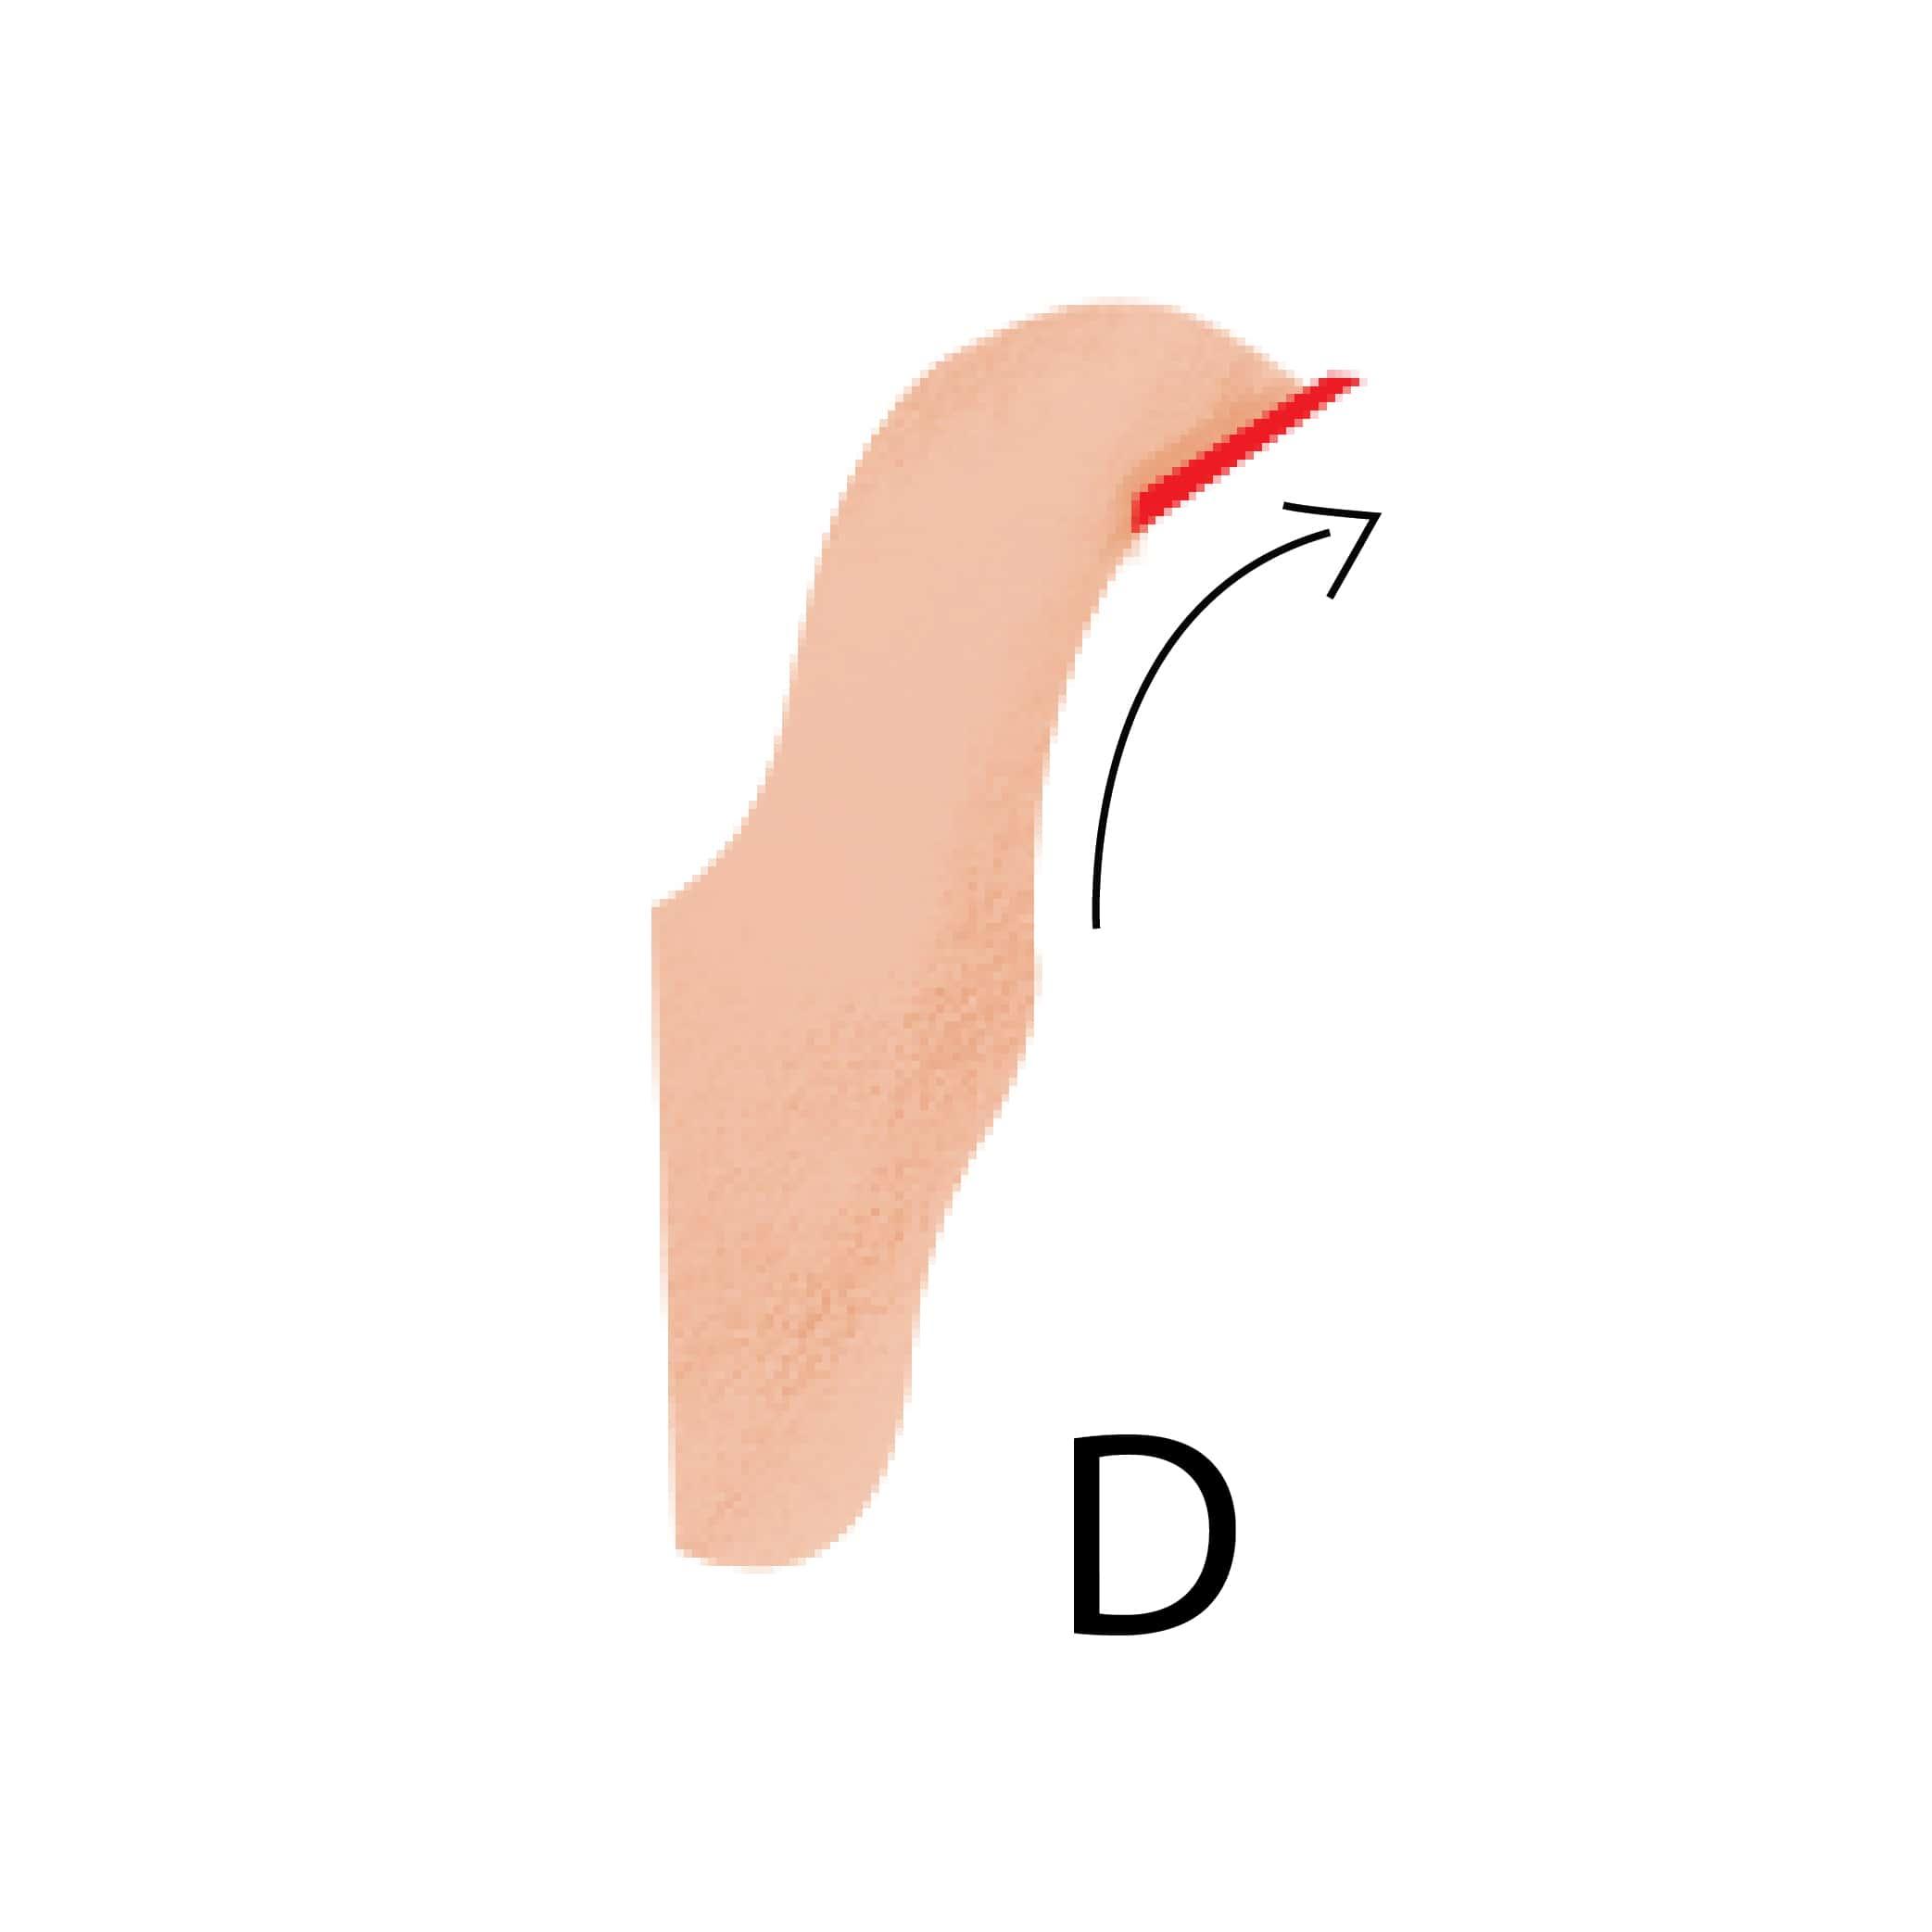 О каких особенностях вашего характера может рассказать большой палец руки?